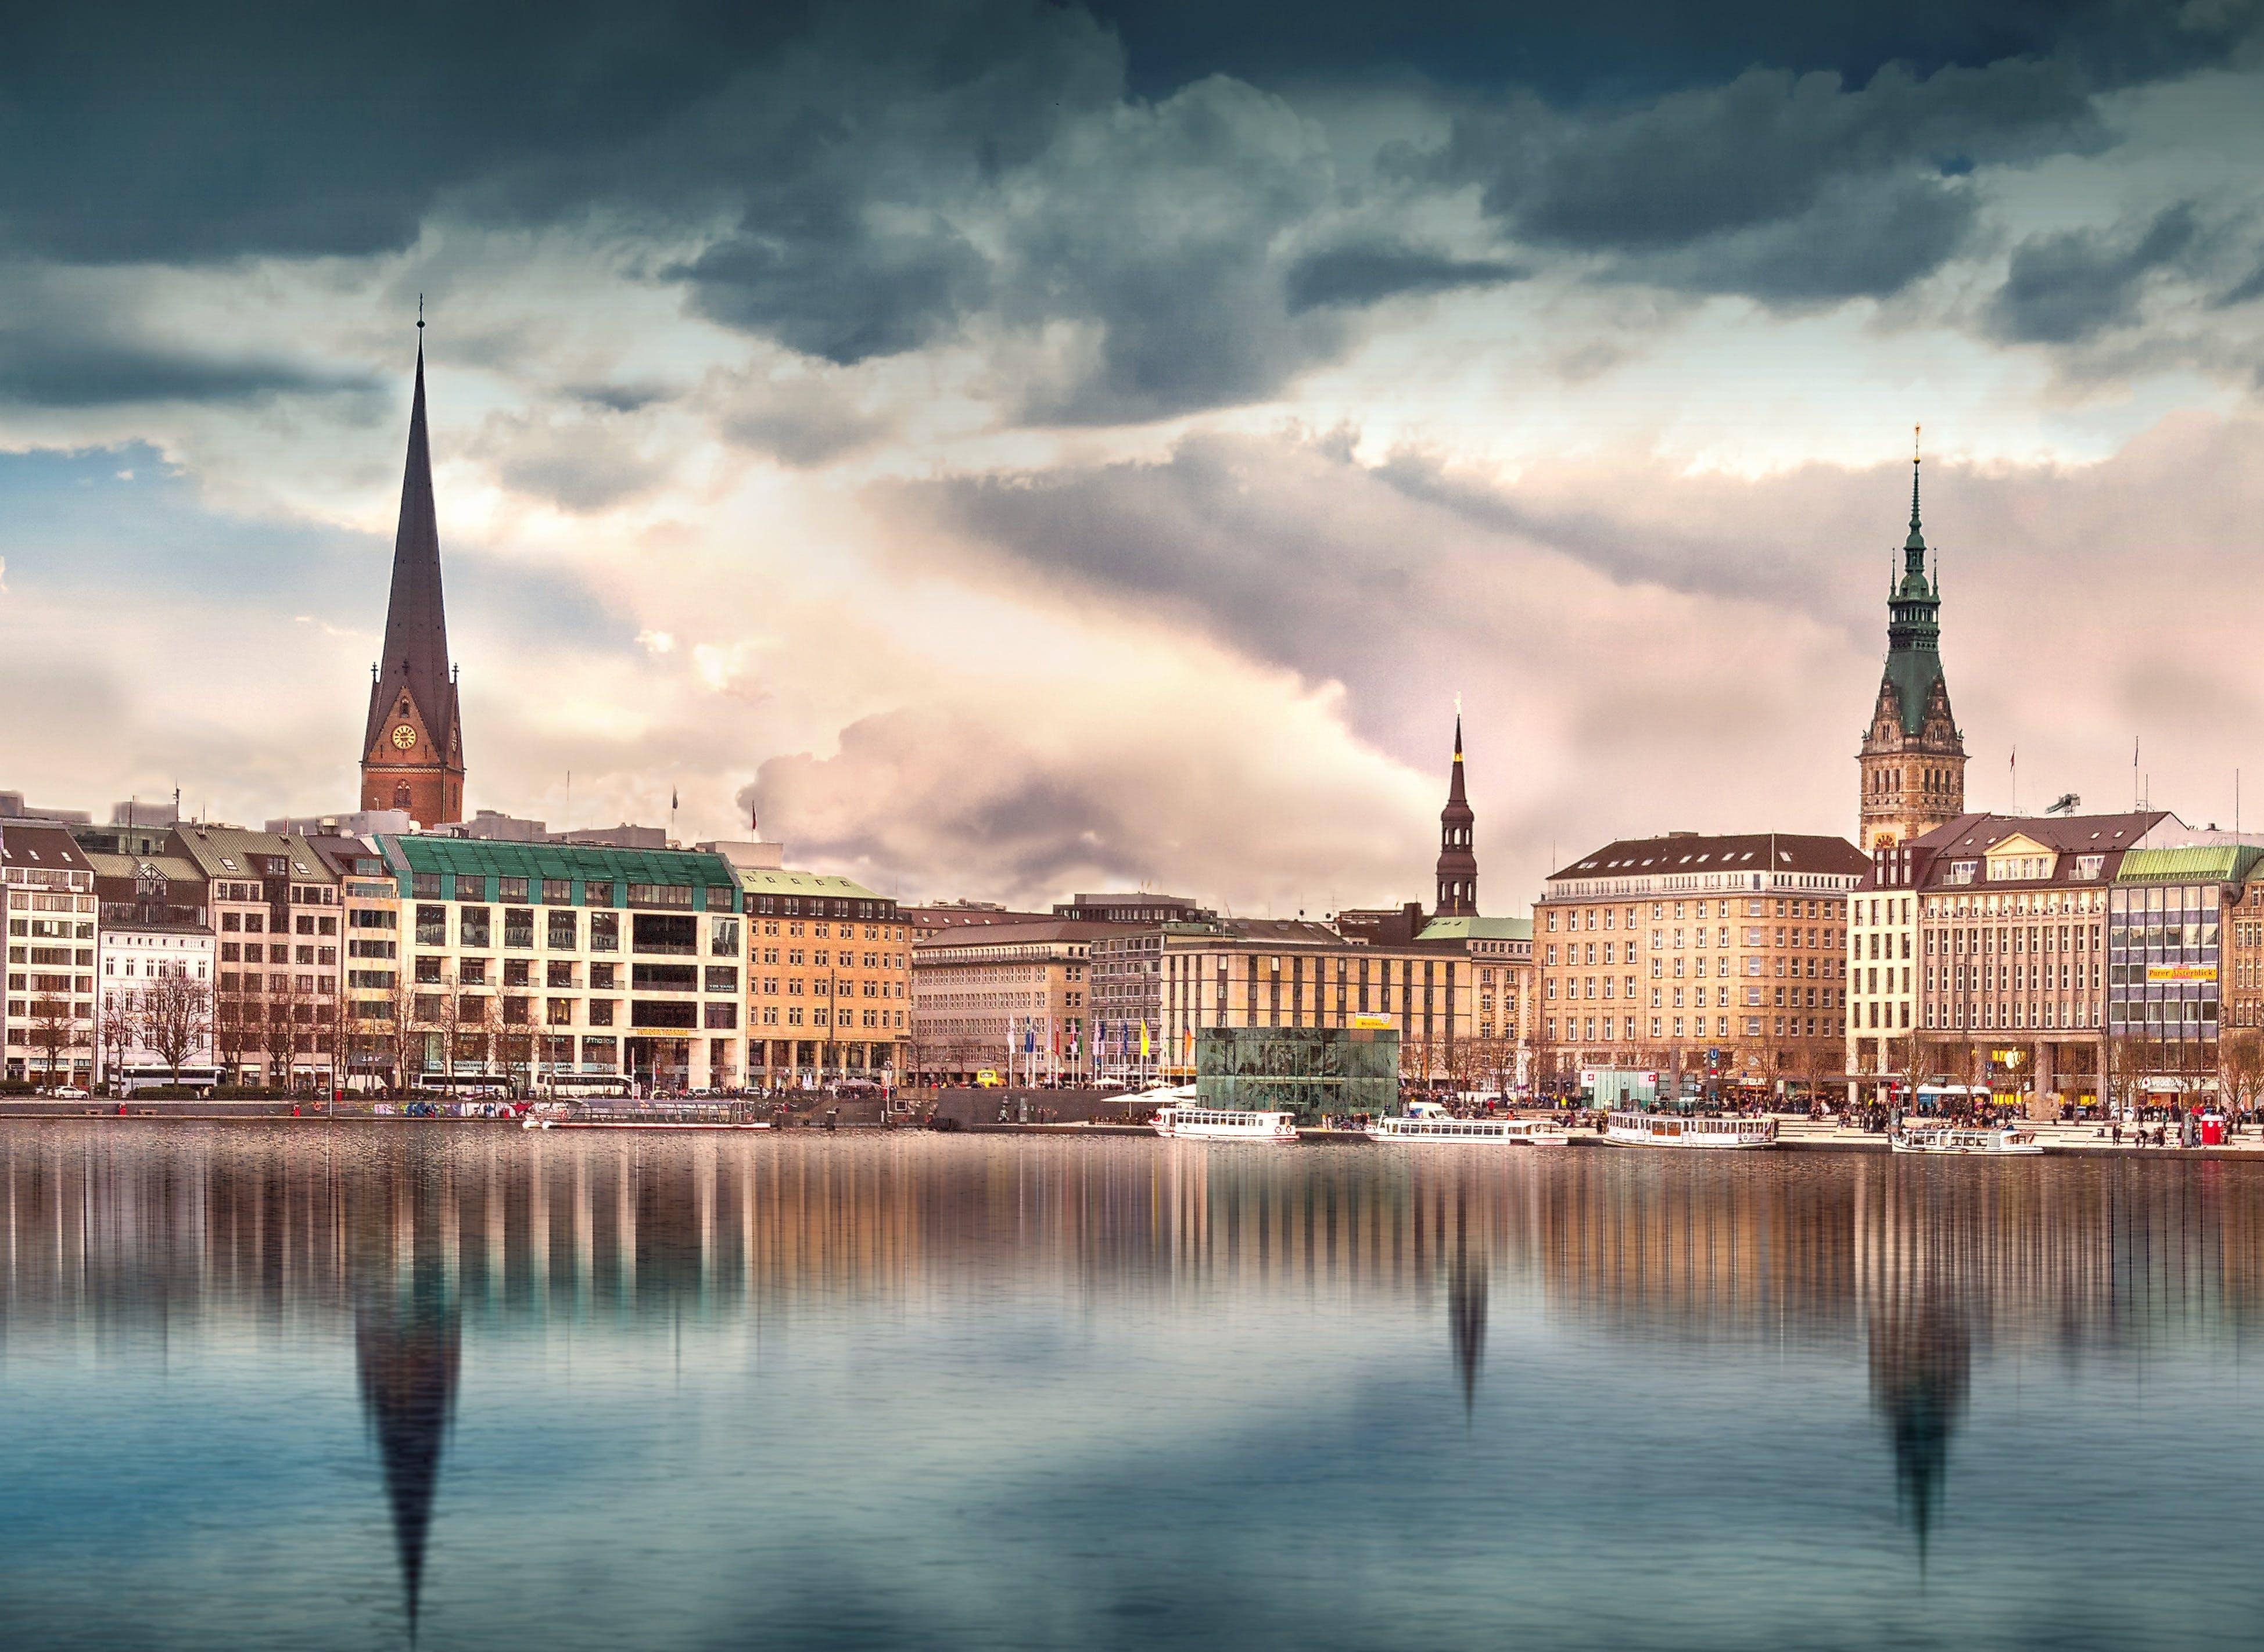 Free stock photo of city, landscape, sunset, landmark